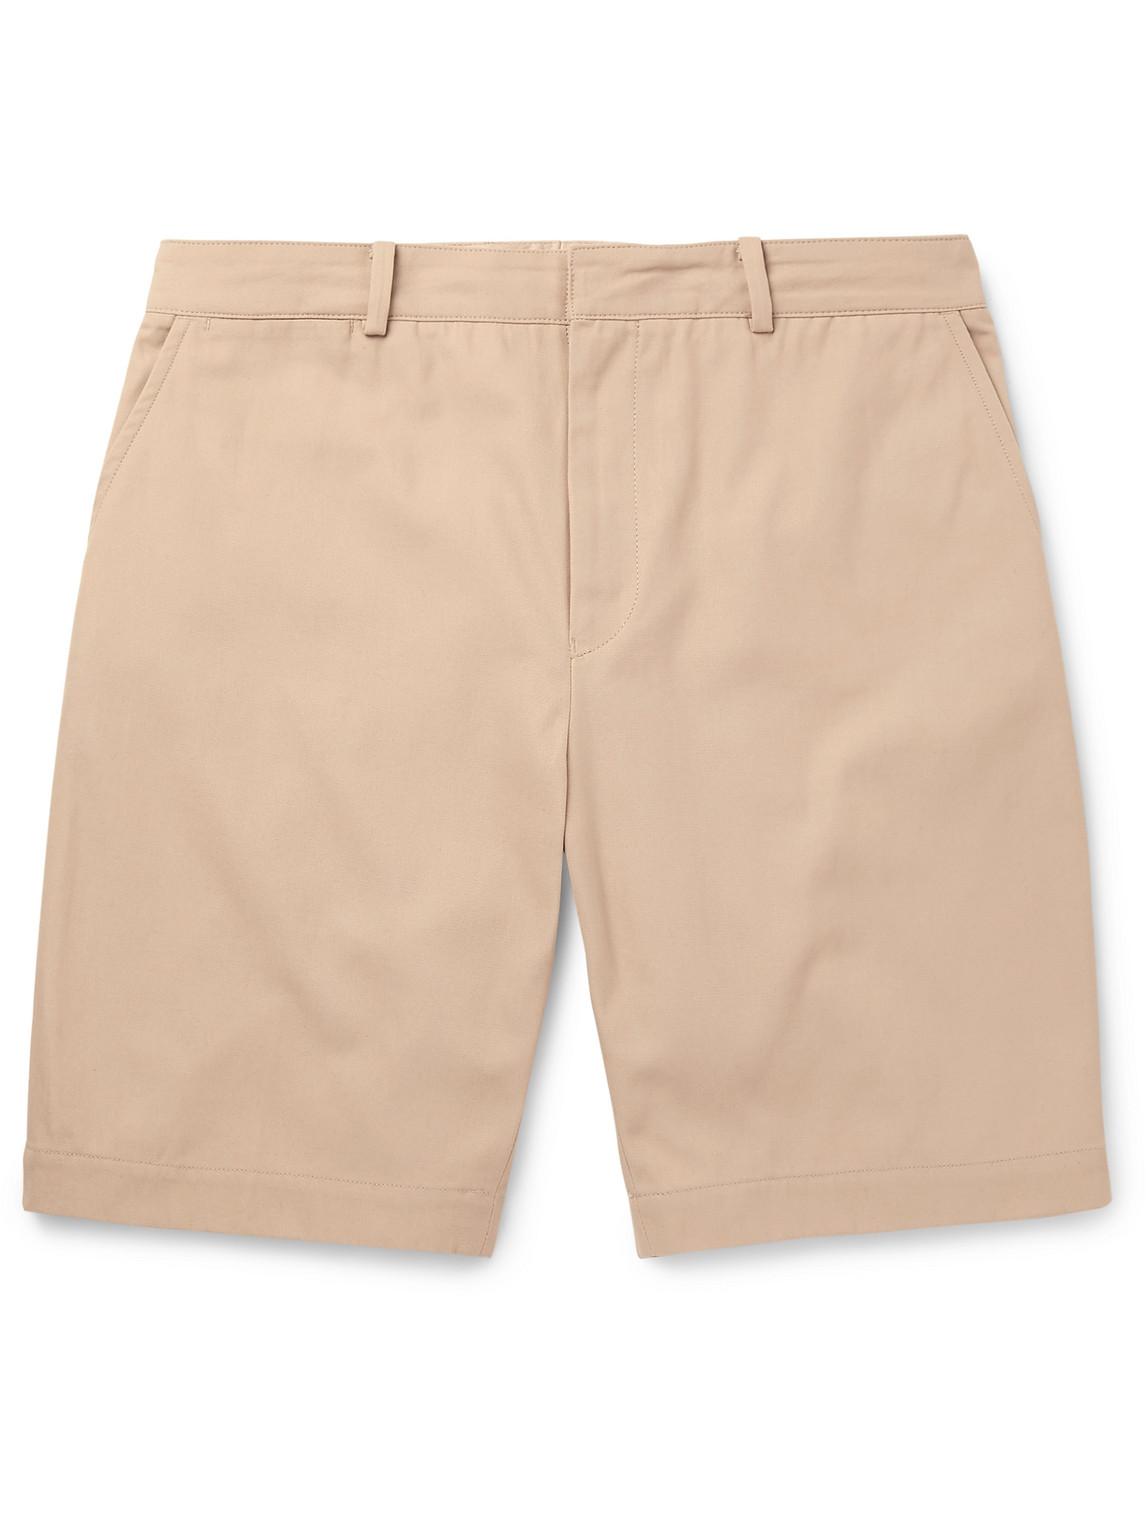 beams plus - kaptain sunshine cotton-twill shorts - men - neutrals - l